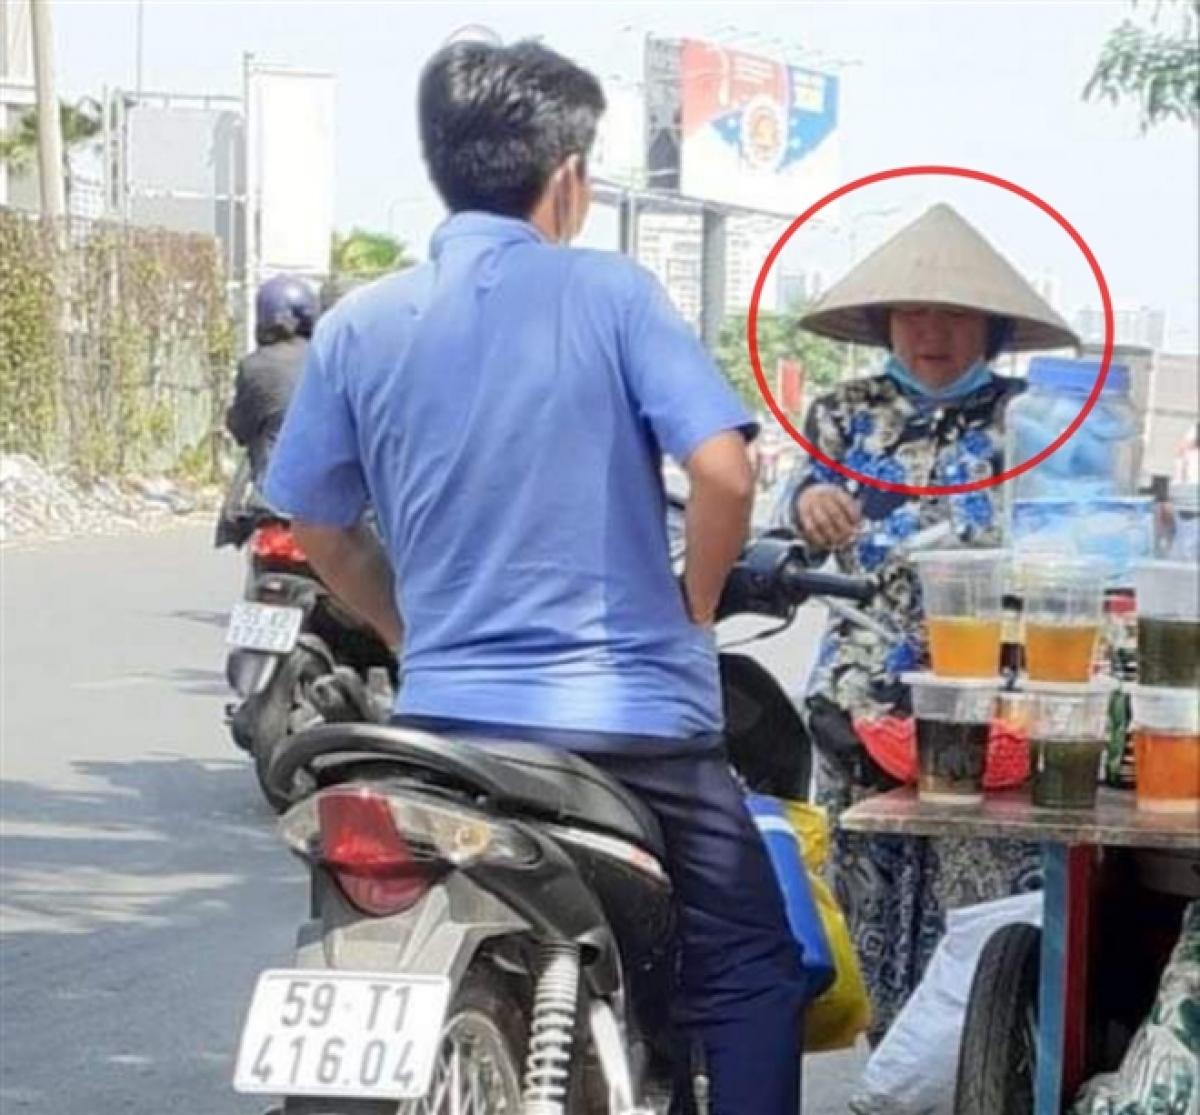 Người phụ nữ bán nước nhặt được tiền của cô gái. (Ảnh: Nhân vật cung cấp)